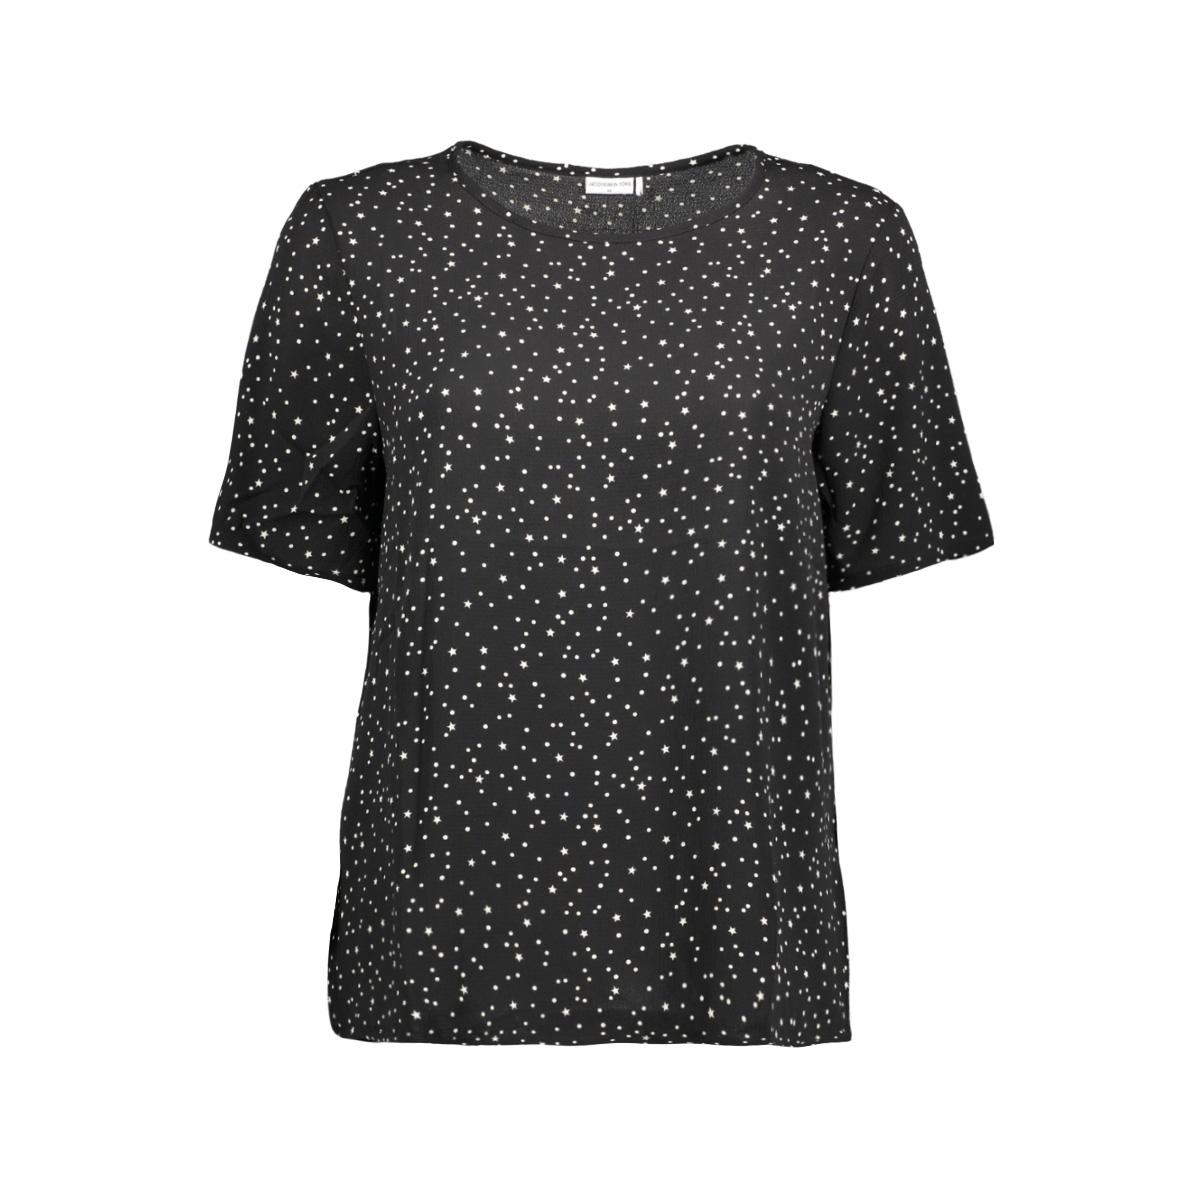 jdyrun s/s top wvn 15143225 jacqueline de yong t-shirt black/run stars